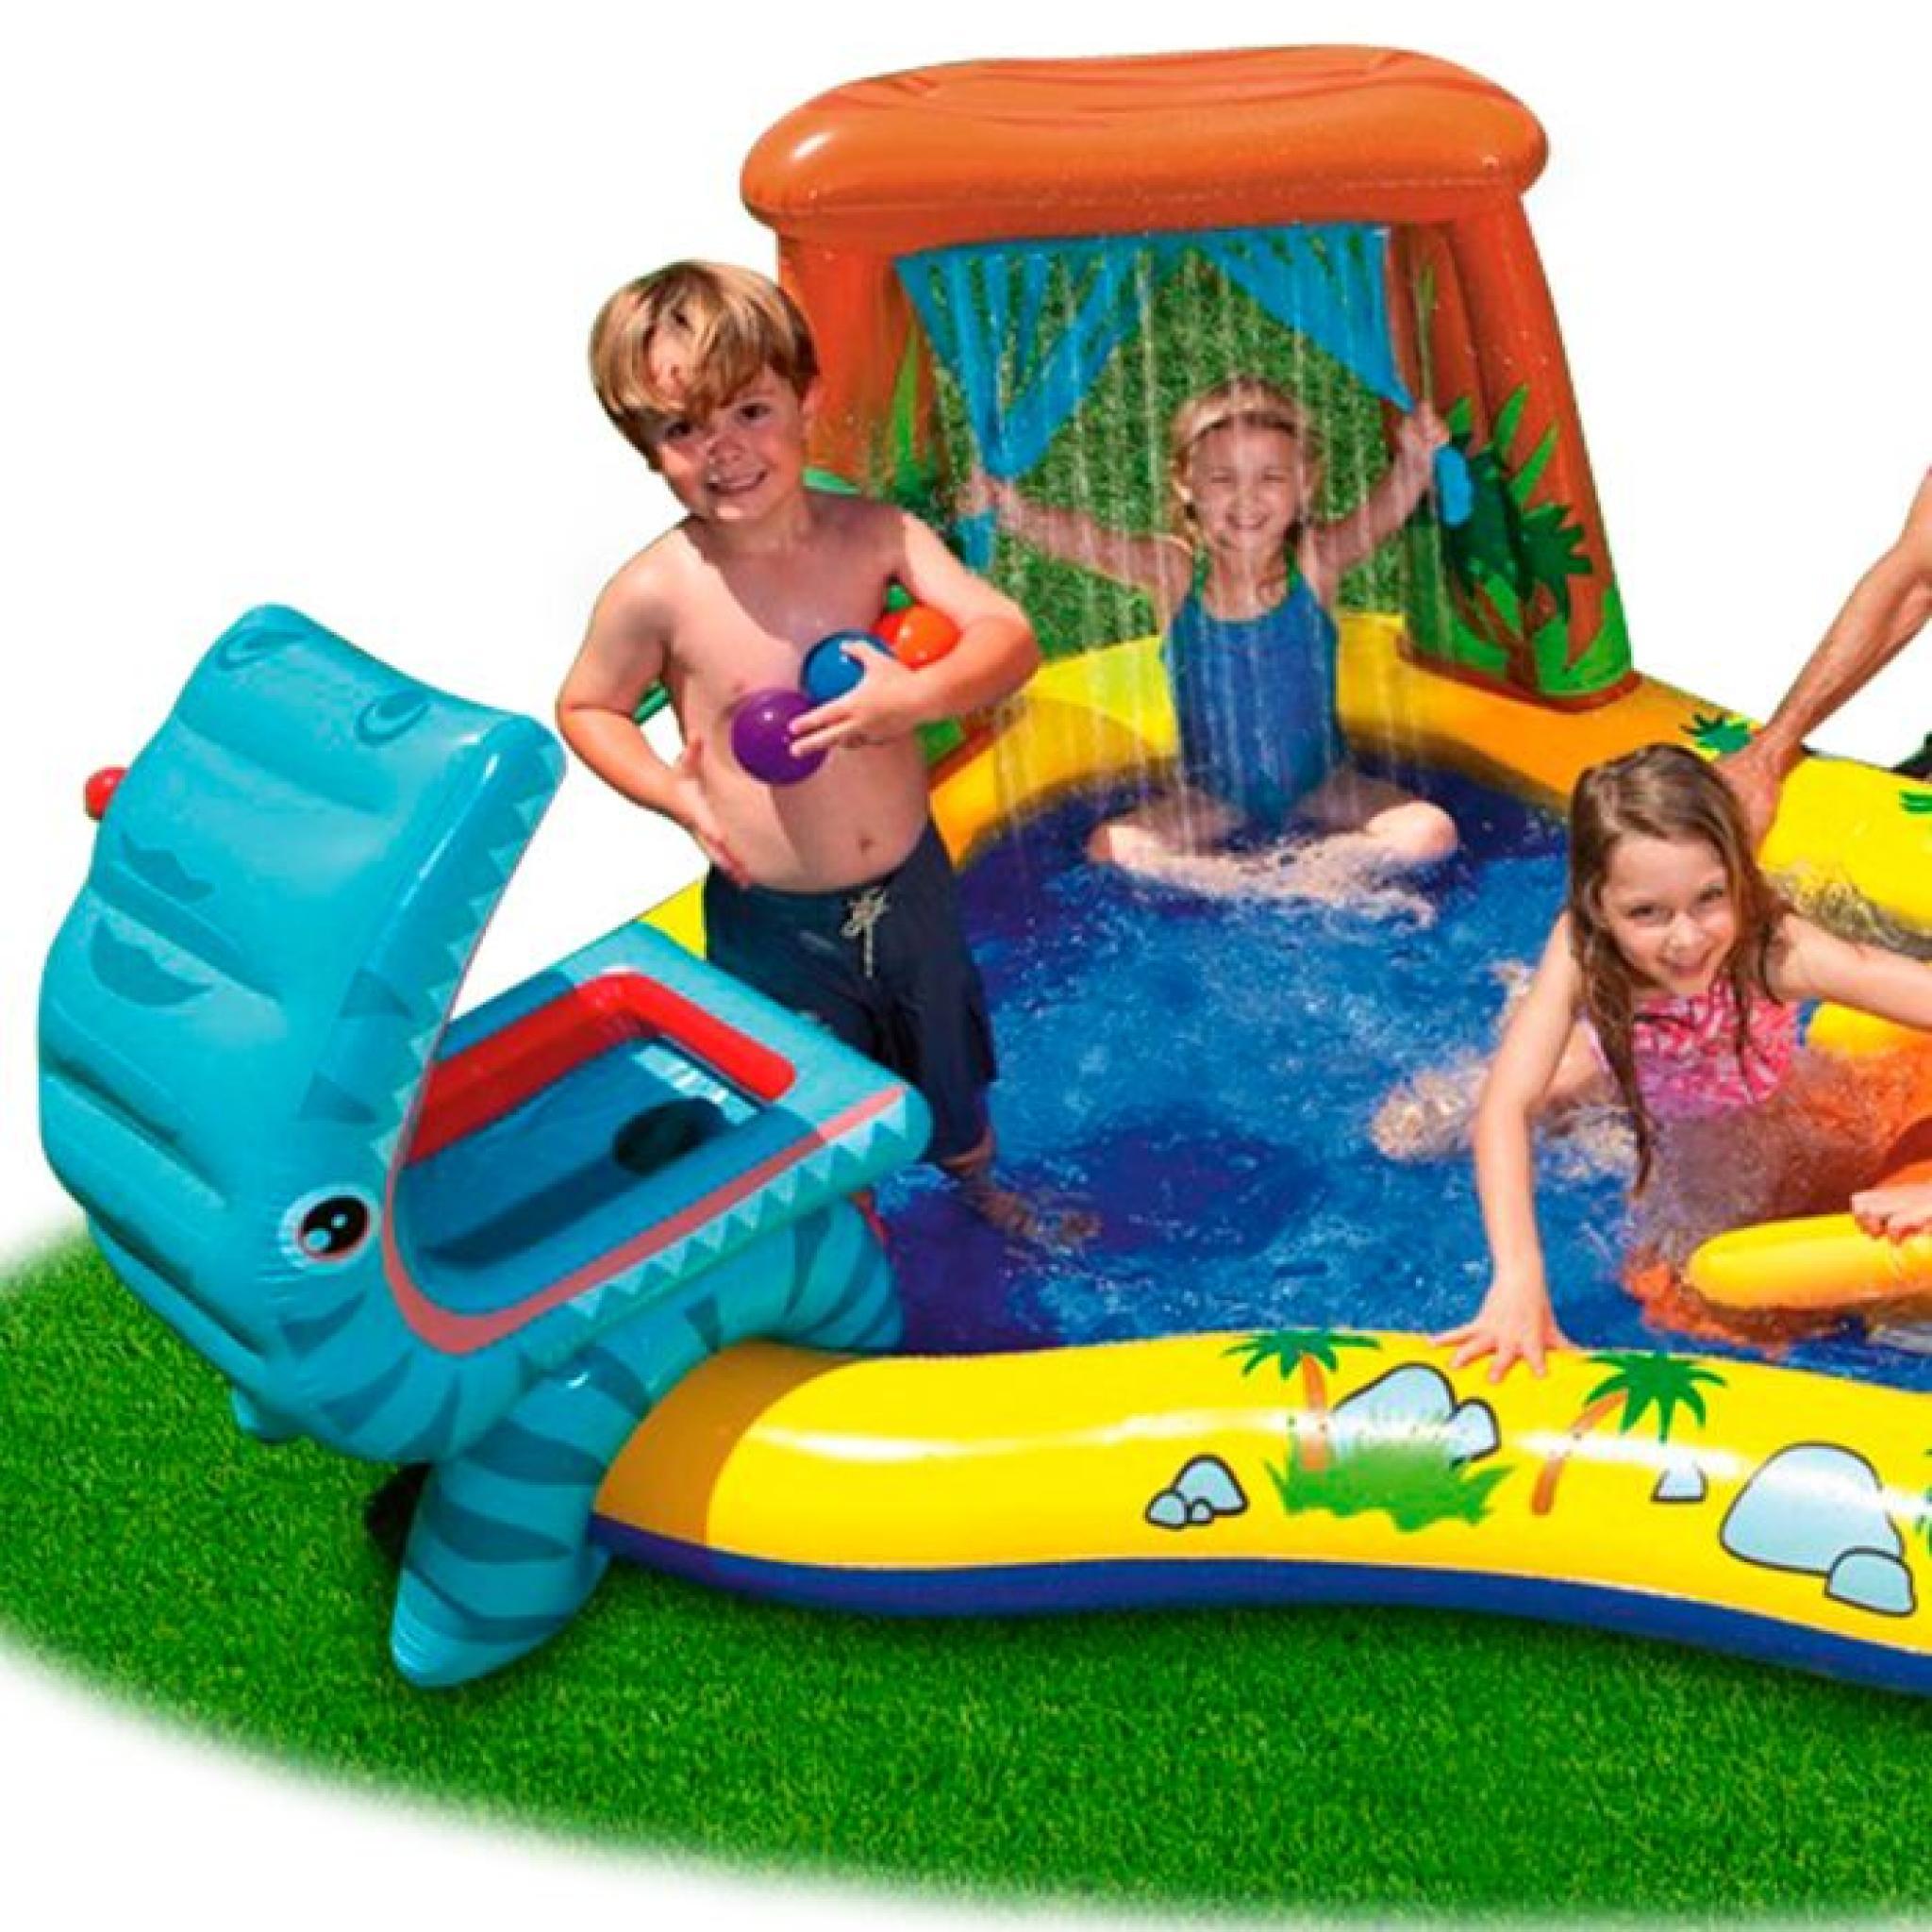 Intex Piscine Gonflable Enfant / Aire De Jeux Aquatique 297 X 193 X 135 Cm  Rainbow Avec Toboggan, Sprayer, Anneaux Gonflables Et Bal à Aire De Jeux Gonflable Piscine